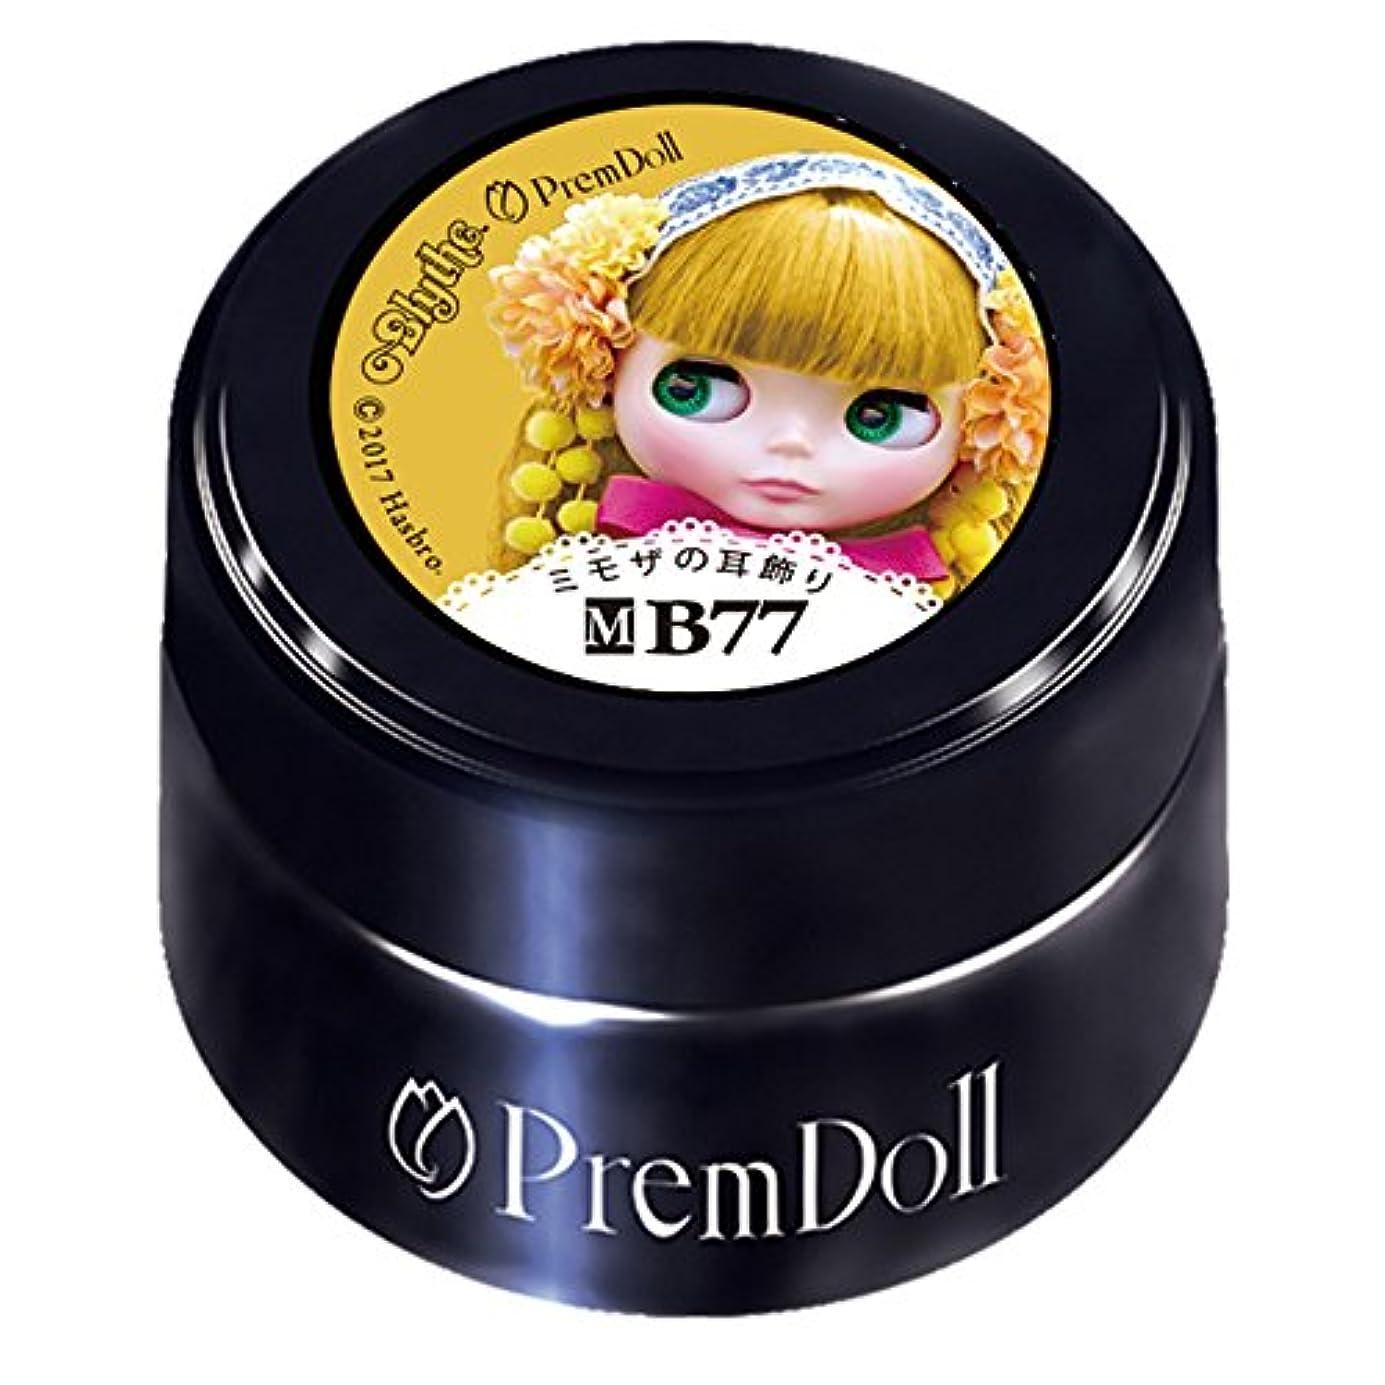 暖かく形成皮肉PRE GEL プリムドール ミモザの首飾り DOLL-B77 3g UV/LED対応 カラージェル